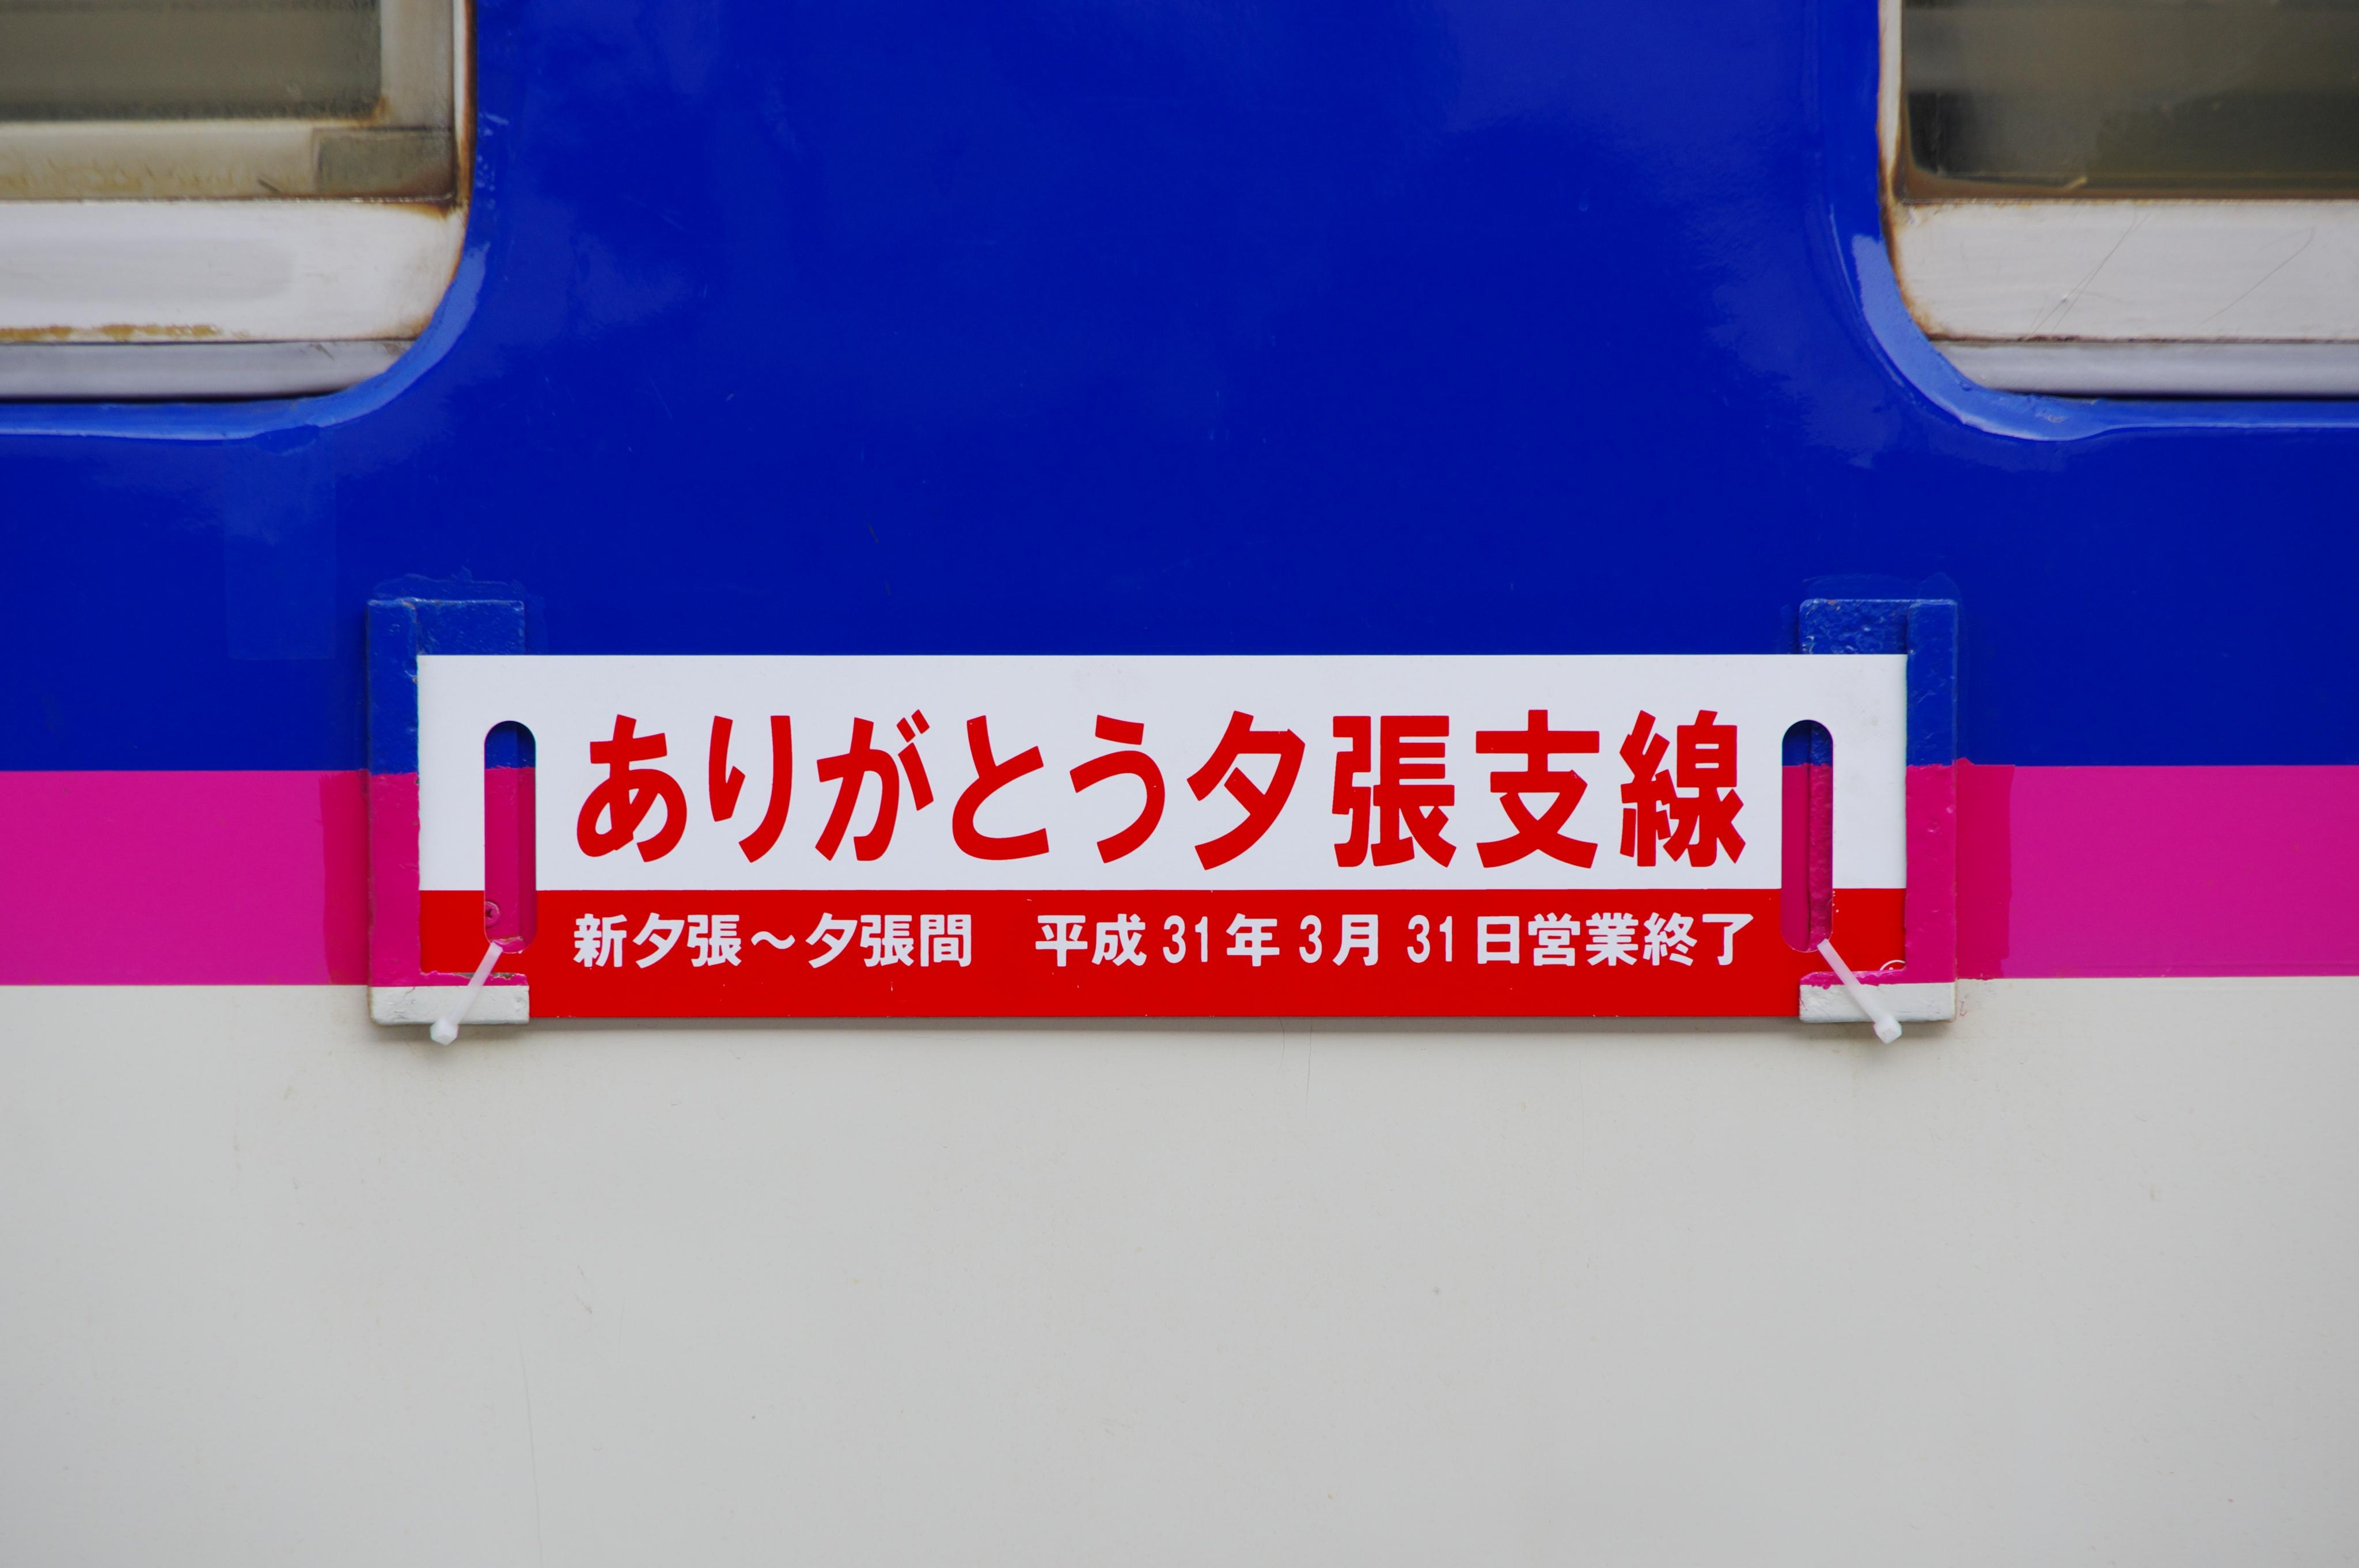 石勝線 夕張支線 ラストラン 専用サボ 新夕張駅_190331 (1).jpg